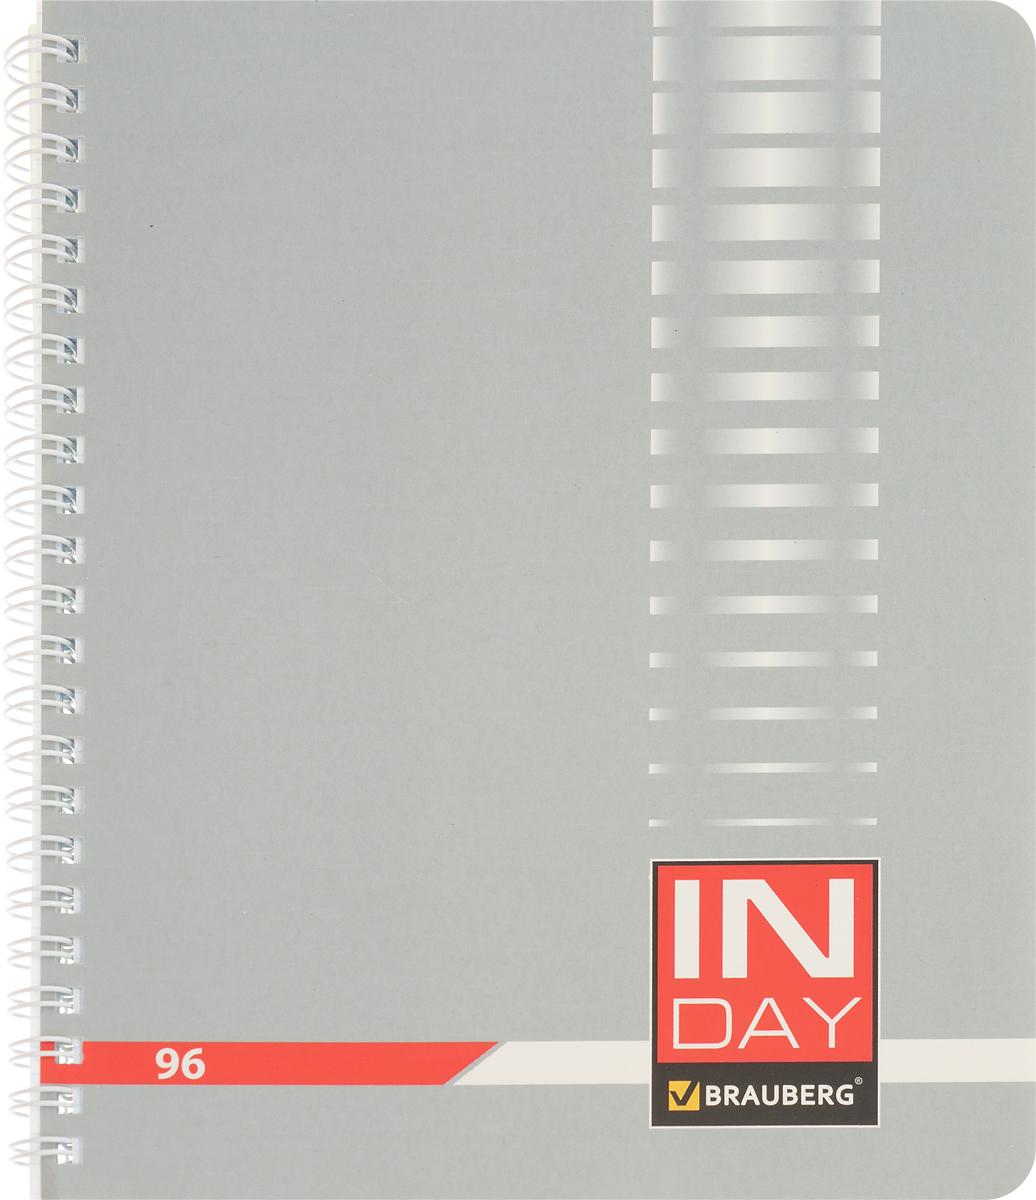 Brauberg Тетрадь In Day 96 листов в клетку цвет серый 400526400526_серыйТетрадь Brauberg In Day на металлическом гребне пригодится как школьнику, так и студенту.Такое практичное и надежное крепление позволяет отрывать листы и полностью открывать тетрадь на столе. Обложка изготовлена из импортного мелованного картона. Внутренний блок выполнен из высококачественного офсета в стандартную клетку без полей. Тетрадь содержит 96 листов. Страницы тетради дополнены микроперфорацией для удобного отрыва листов.